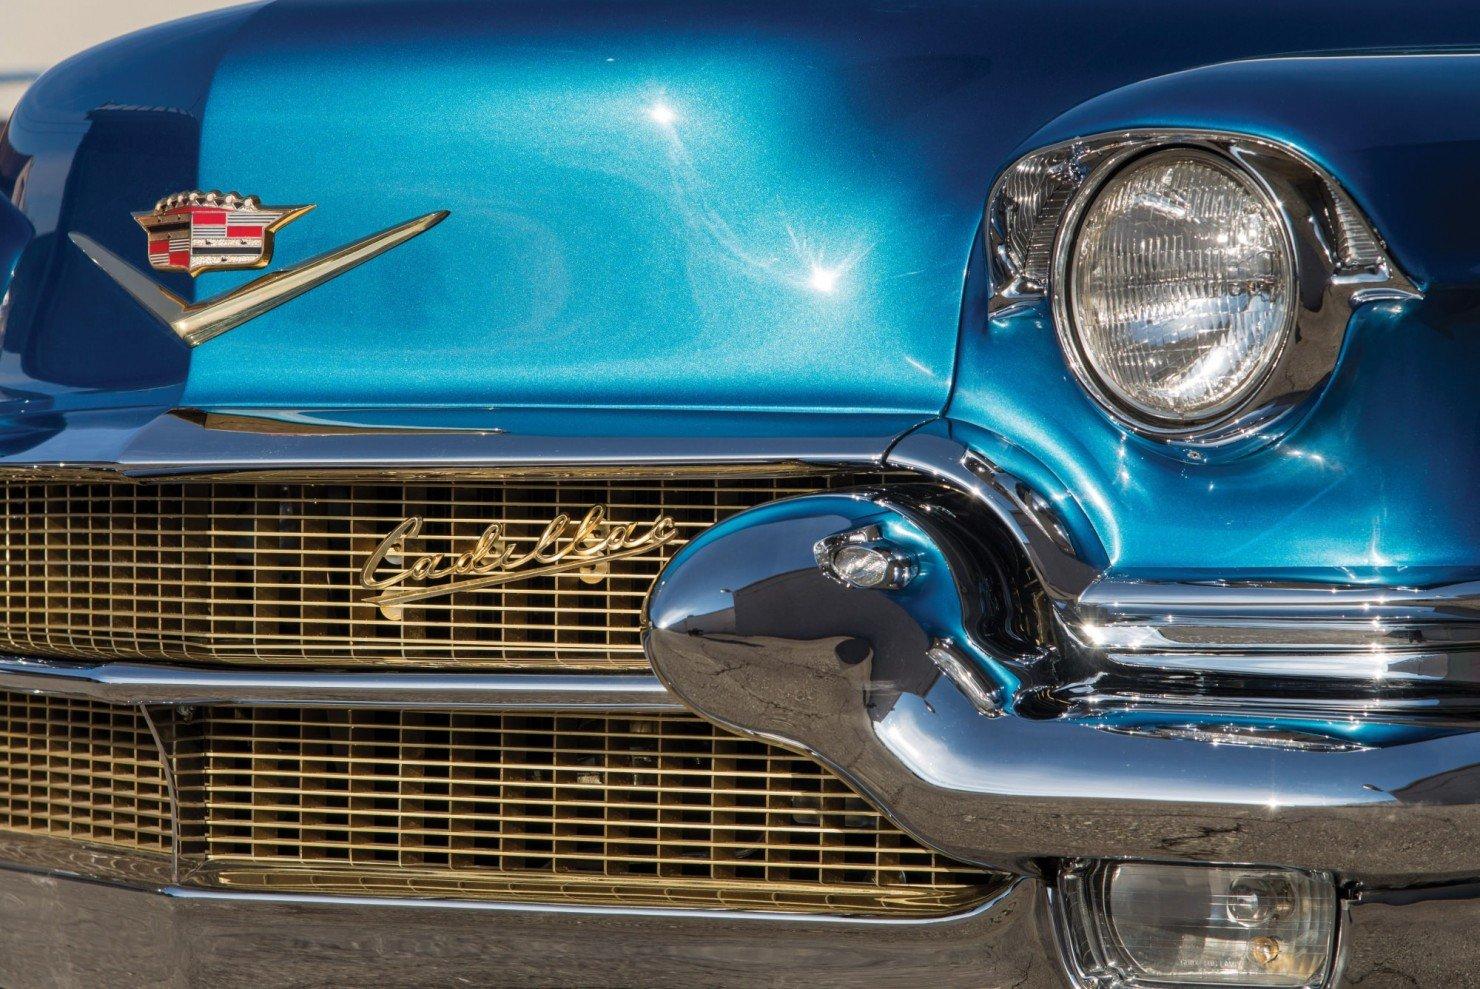 Cadillac-Eldorado-Car-14